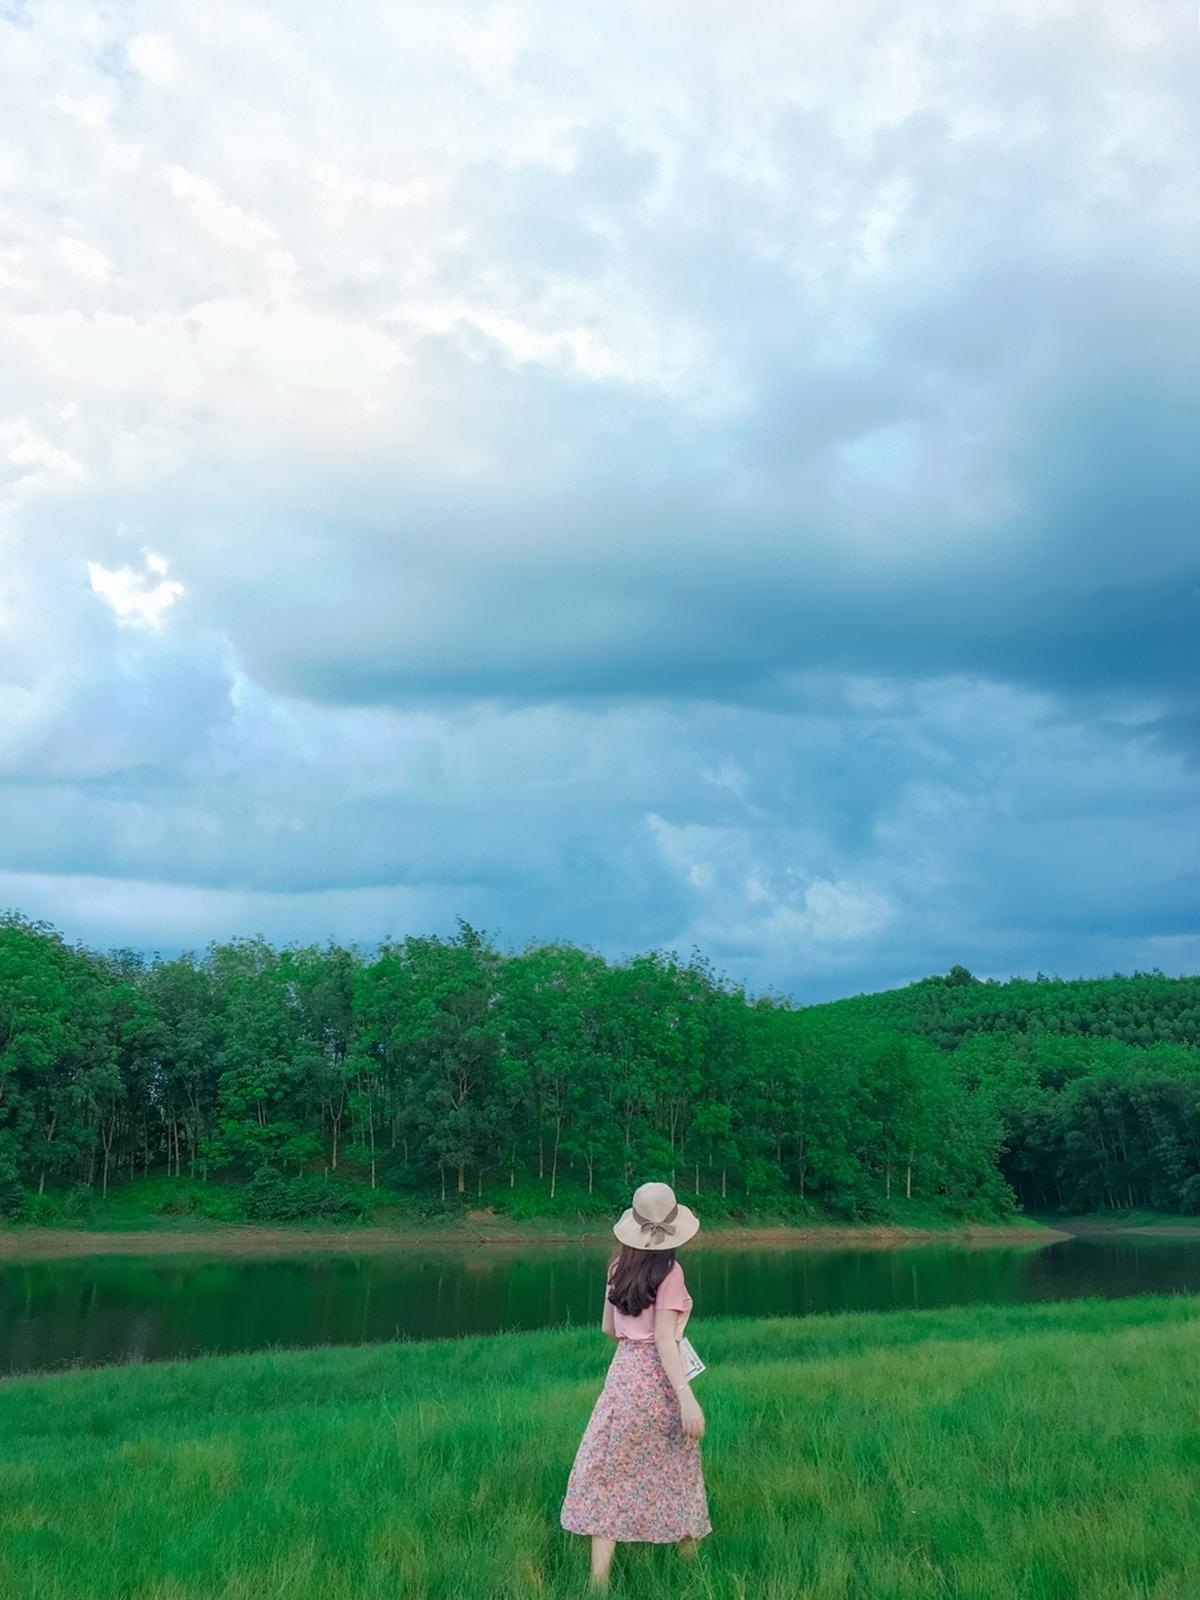 Hồ Khe Rưng là một trong những điểm đến lý tưởng cho nhóm bạn trẻ thích dã ngoại, picnic và chụp ảnh sống ảo. Nơi đây có vẻ đẹp hoang sơ, không khí thoáng đãng và những thảm cỏ xanh như thảo nguyên, bên kia hồ là rừng cây nguyên sinh, được nhiều người khen đẹp như tranh vẽ.